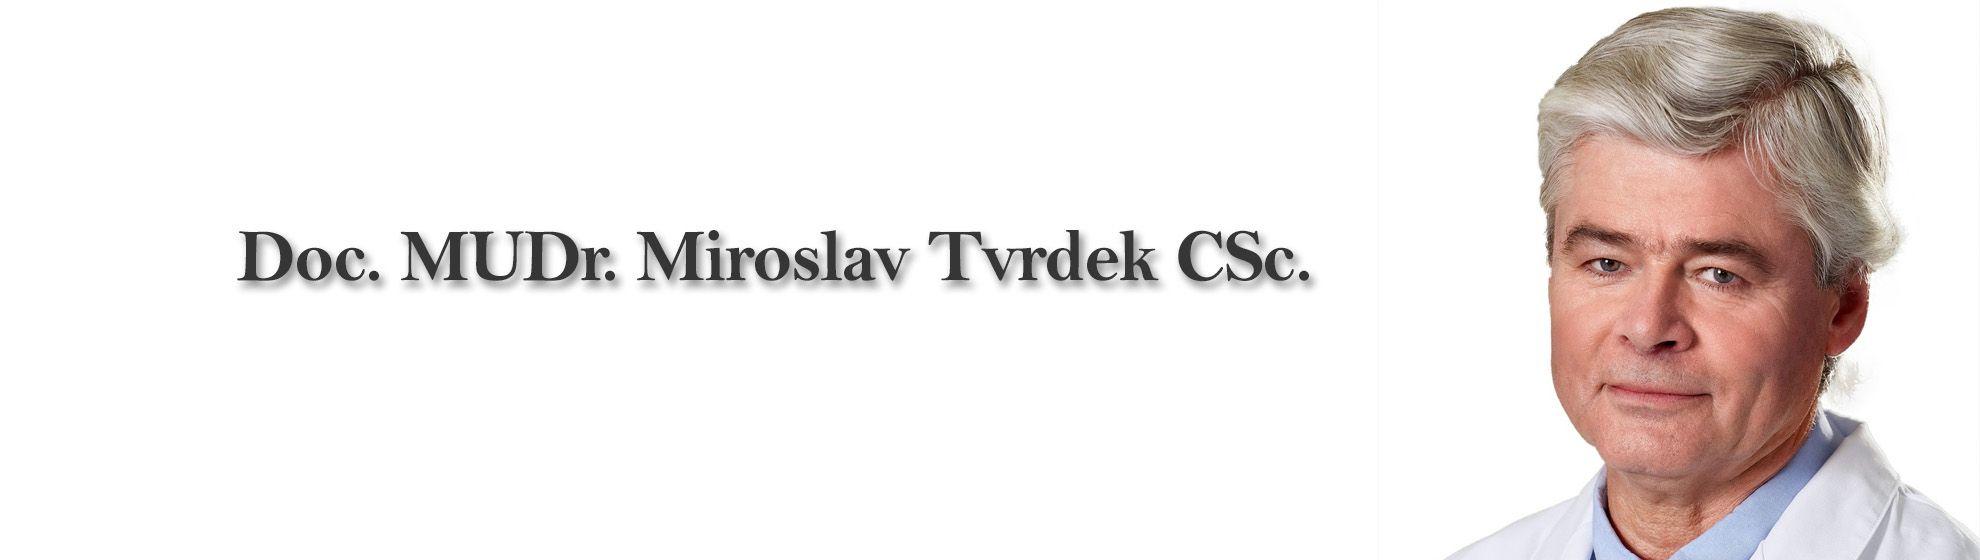 Doc. MUDr. Miroslav Tvrdek CSc.